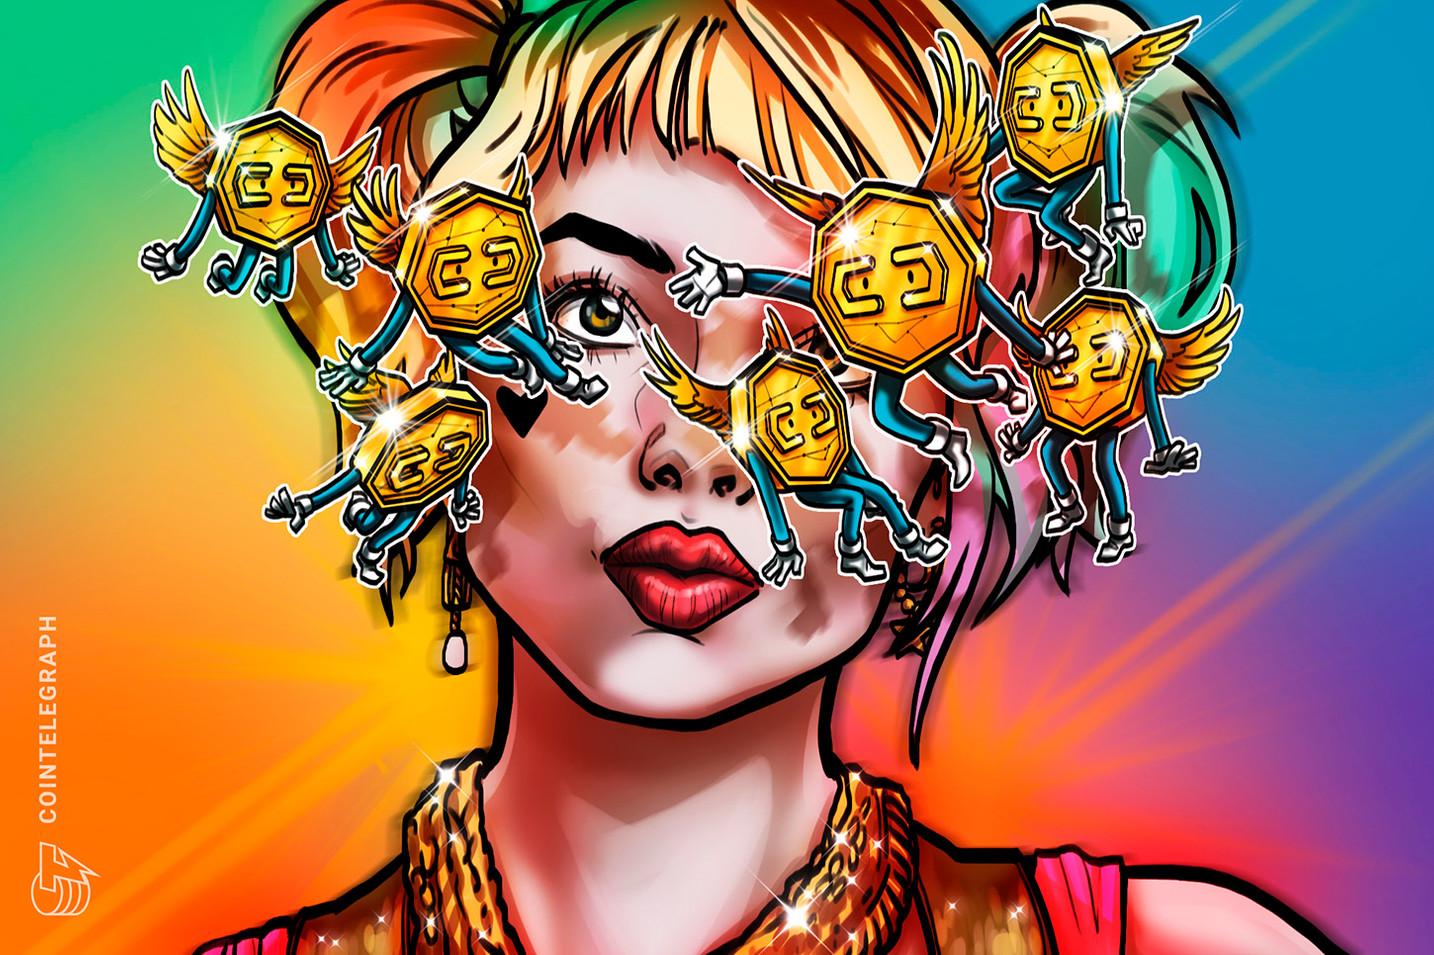 Ljepota i Bitcoin: Marke usmjerene na žene prihvaćaju kripto plaćanja koja potiču usvajanje